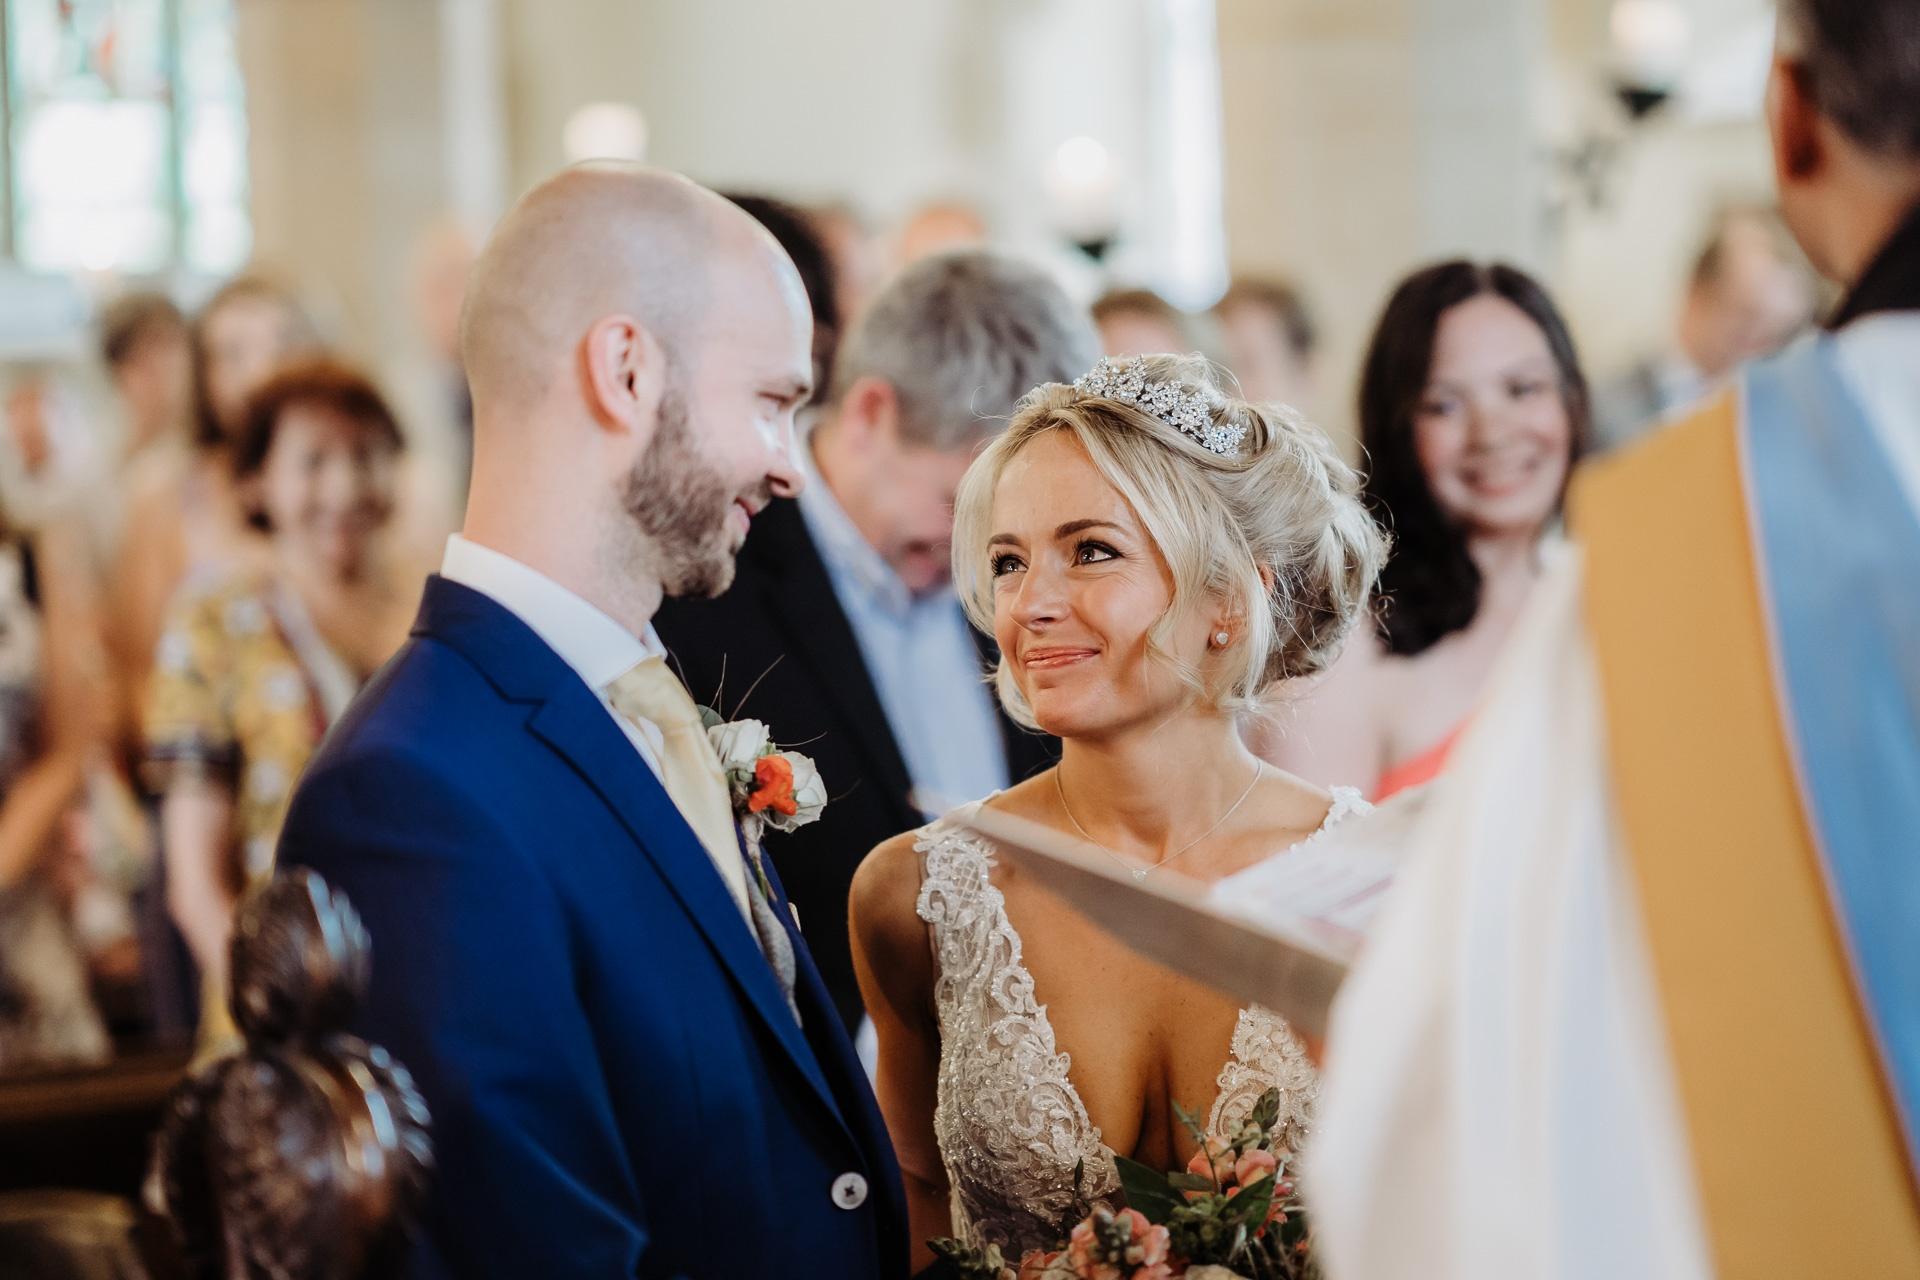 huntsham-court-wedding-photographer-016